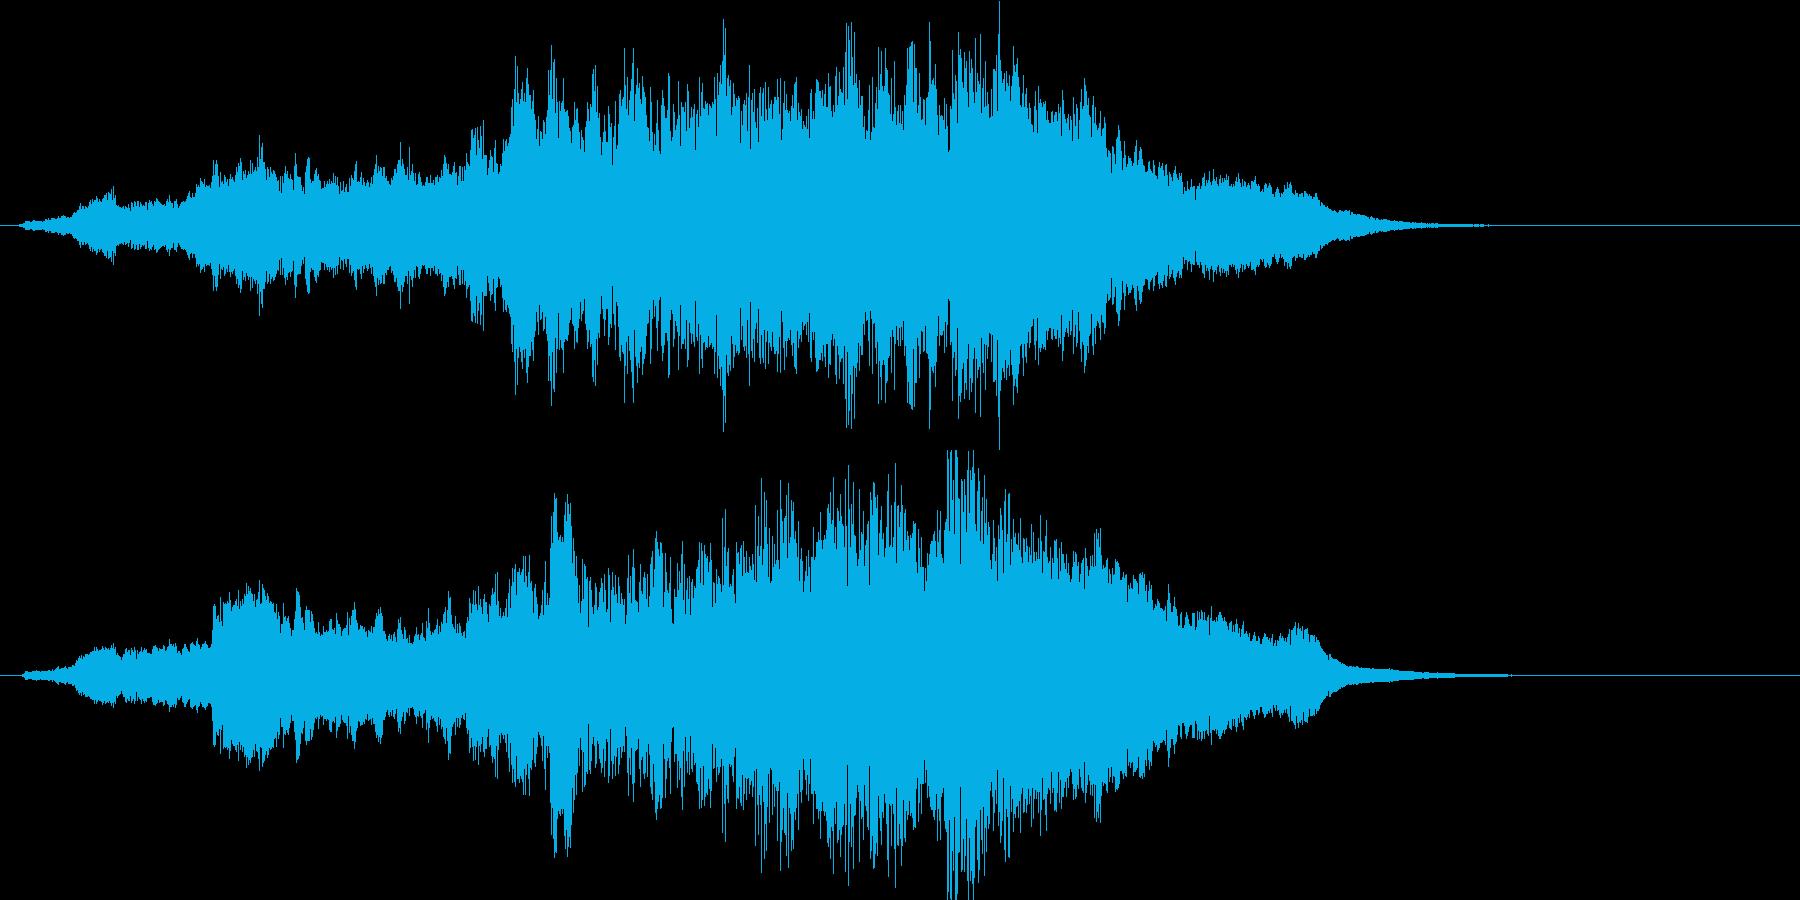 ハリウッド系ファンタジーのジングルの再生済みの波形